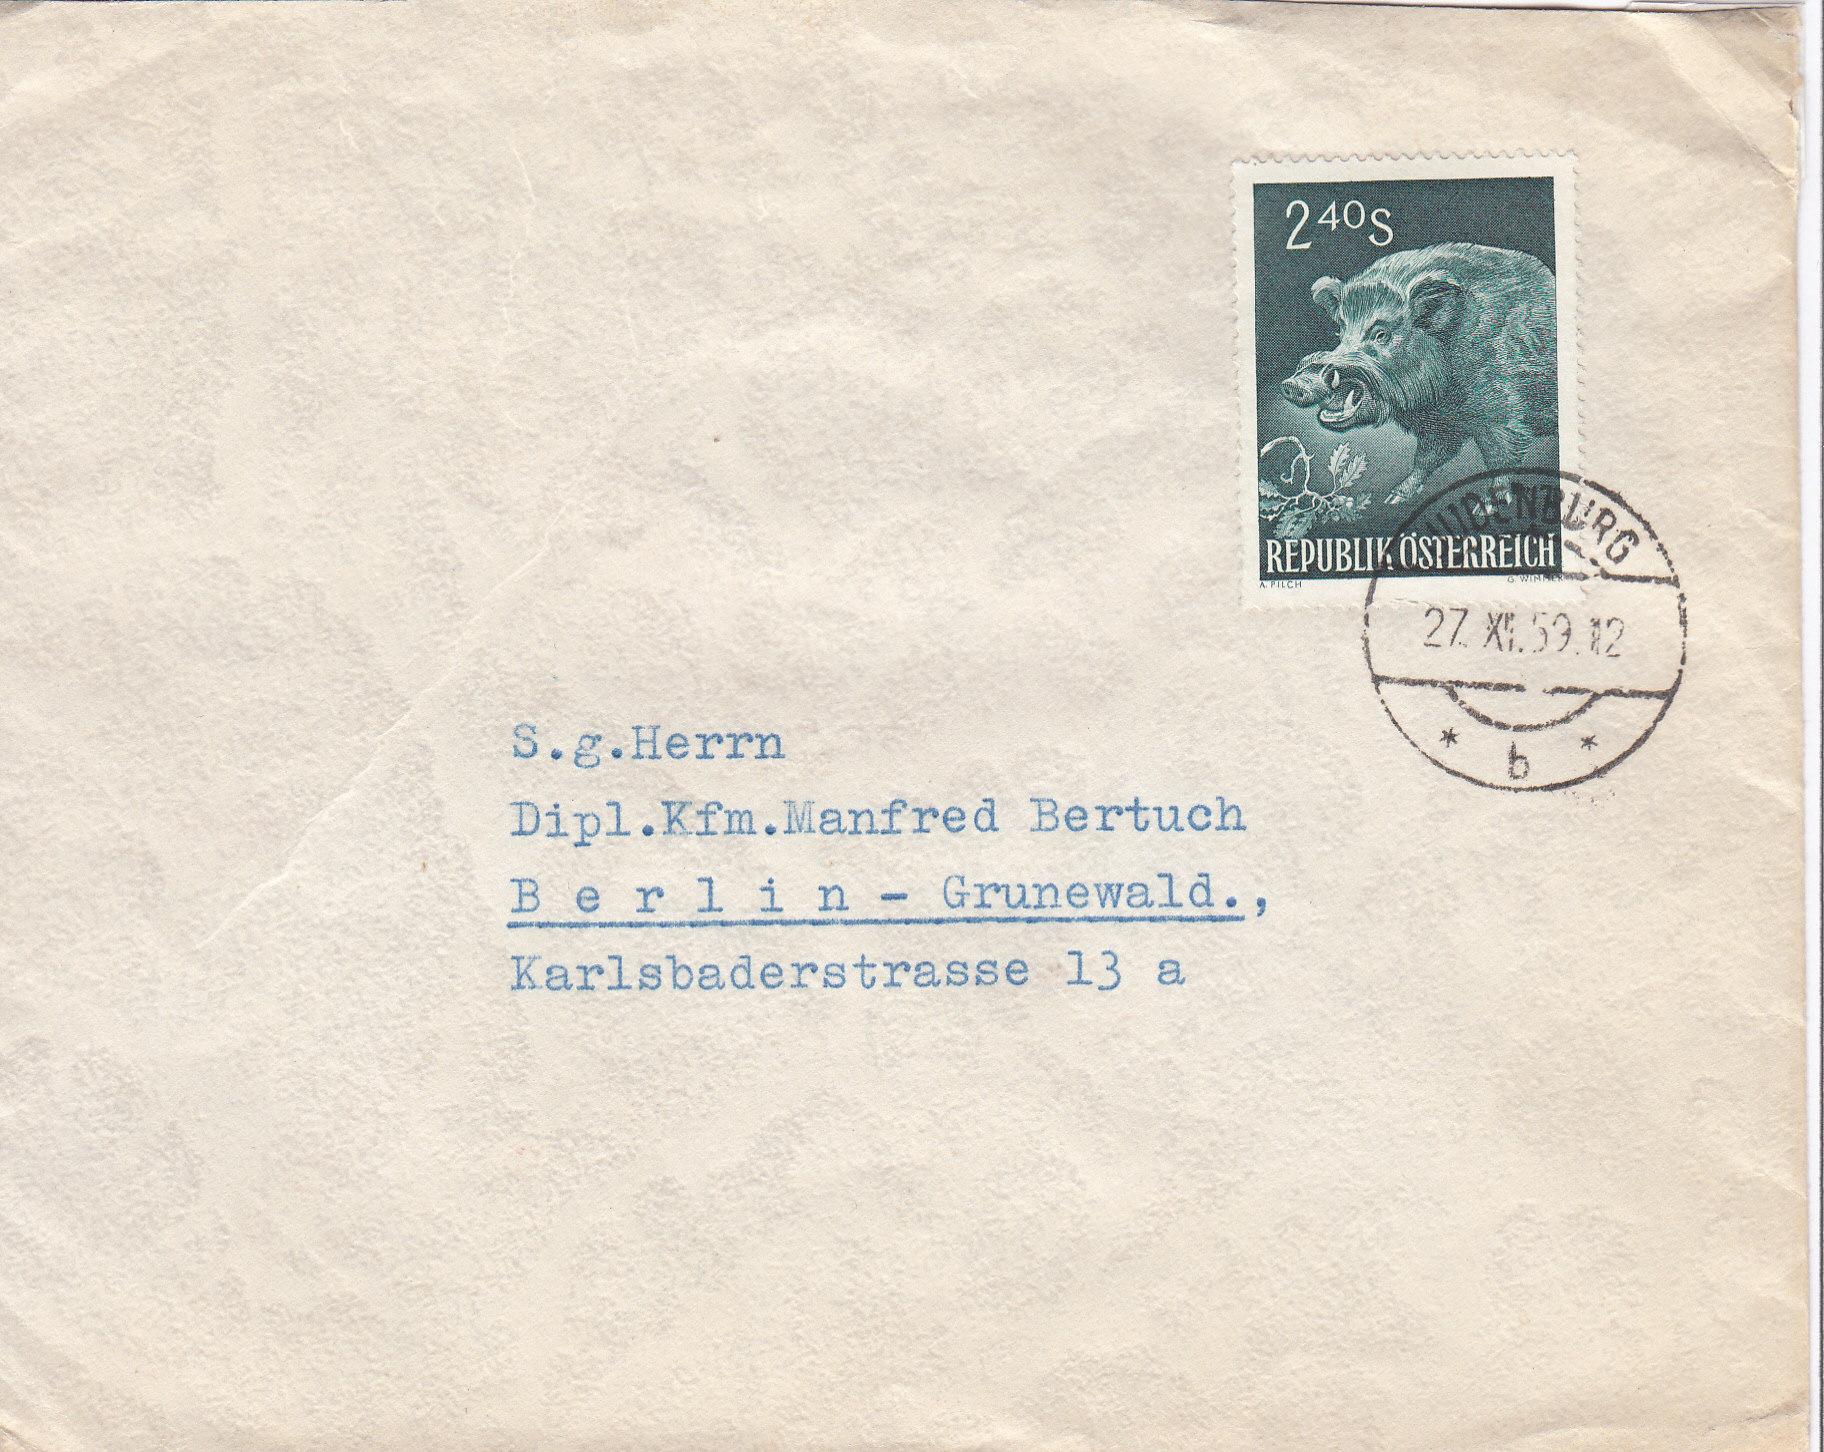 Sammlung Bedarfsbriefe Österreich ab 1945 - Seite 13 Img_0188